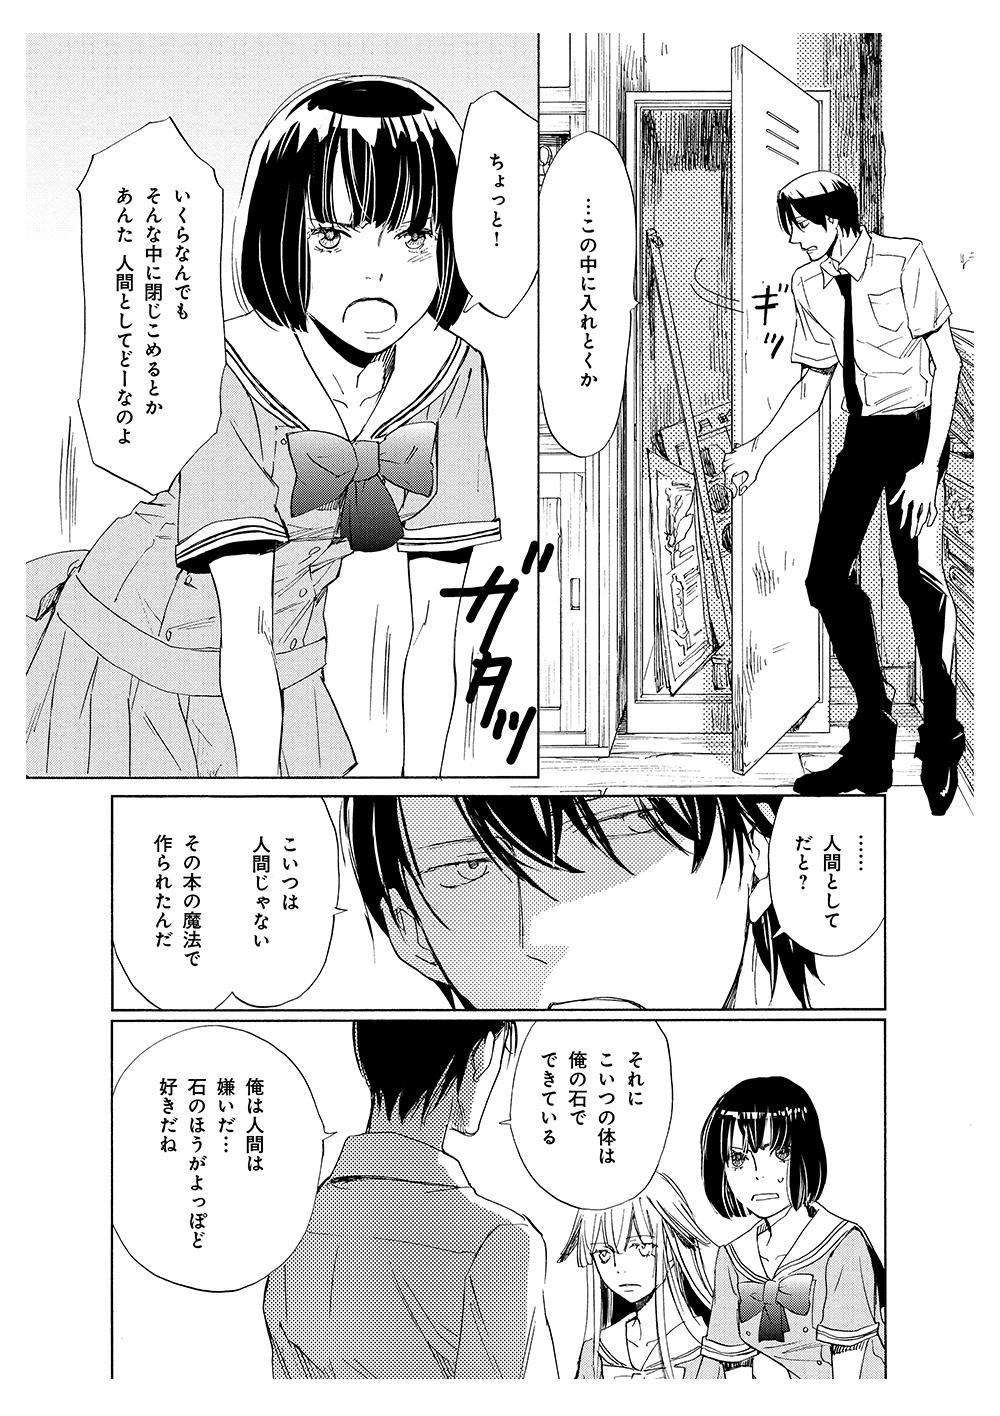 少女ゴーレムと理科室の変人たち 第2話①golem03-09.jpg